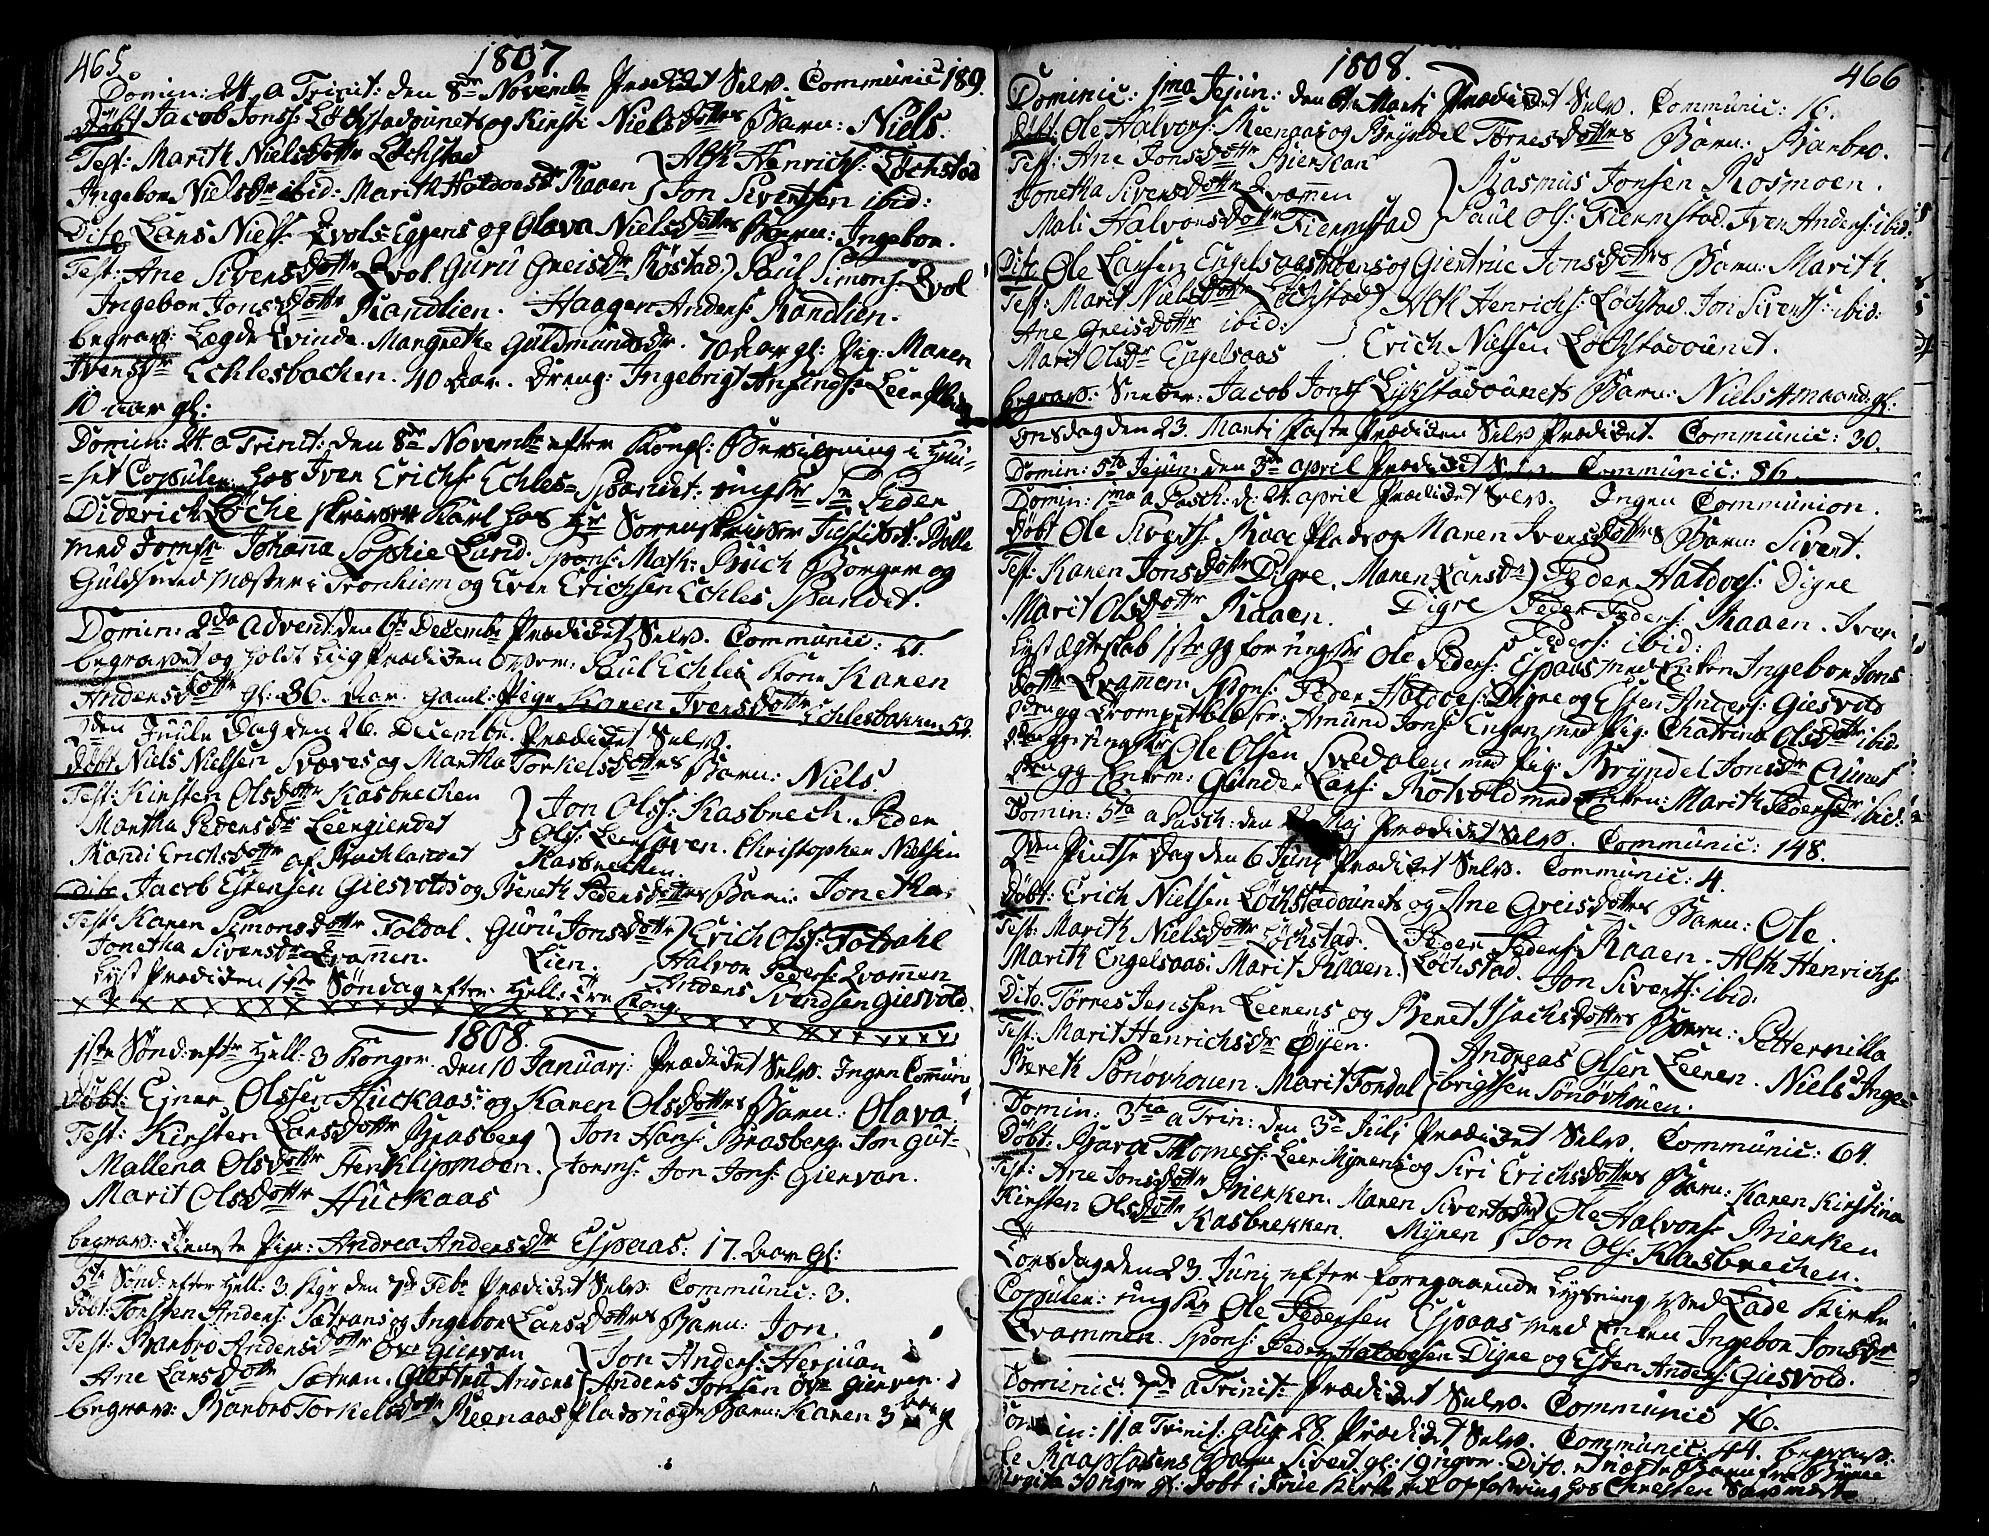 SAT, Ministerialprotokoller, klokkerbøker og fødselsregistre - Sør-Trøndelag, 606/L0282: Ministerialbok nr. 606A02 /3, 1781-1817, s. 465-466